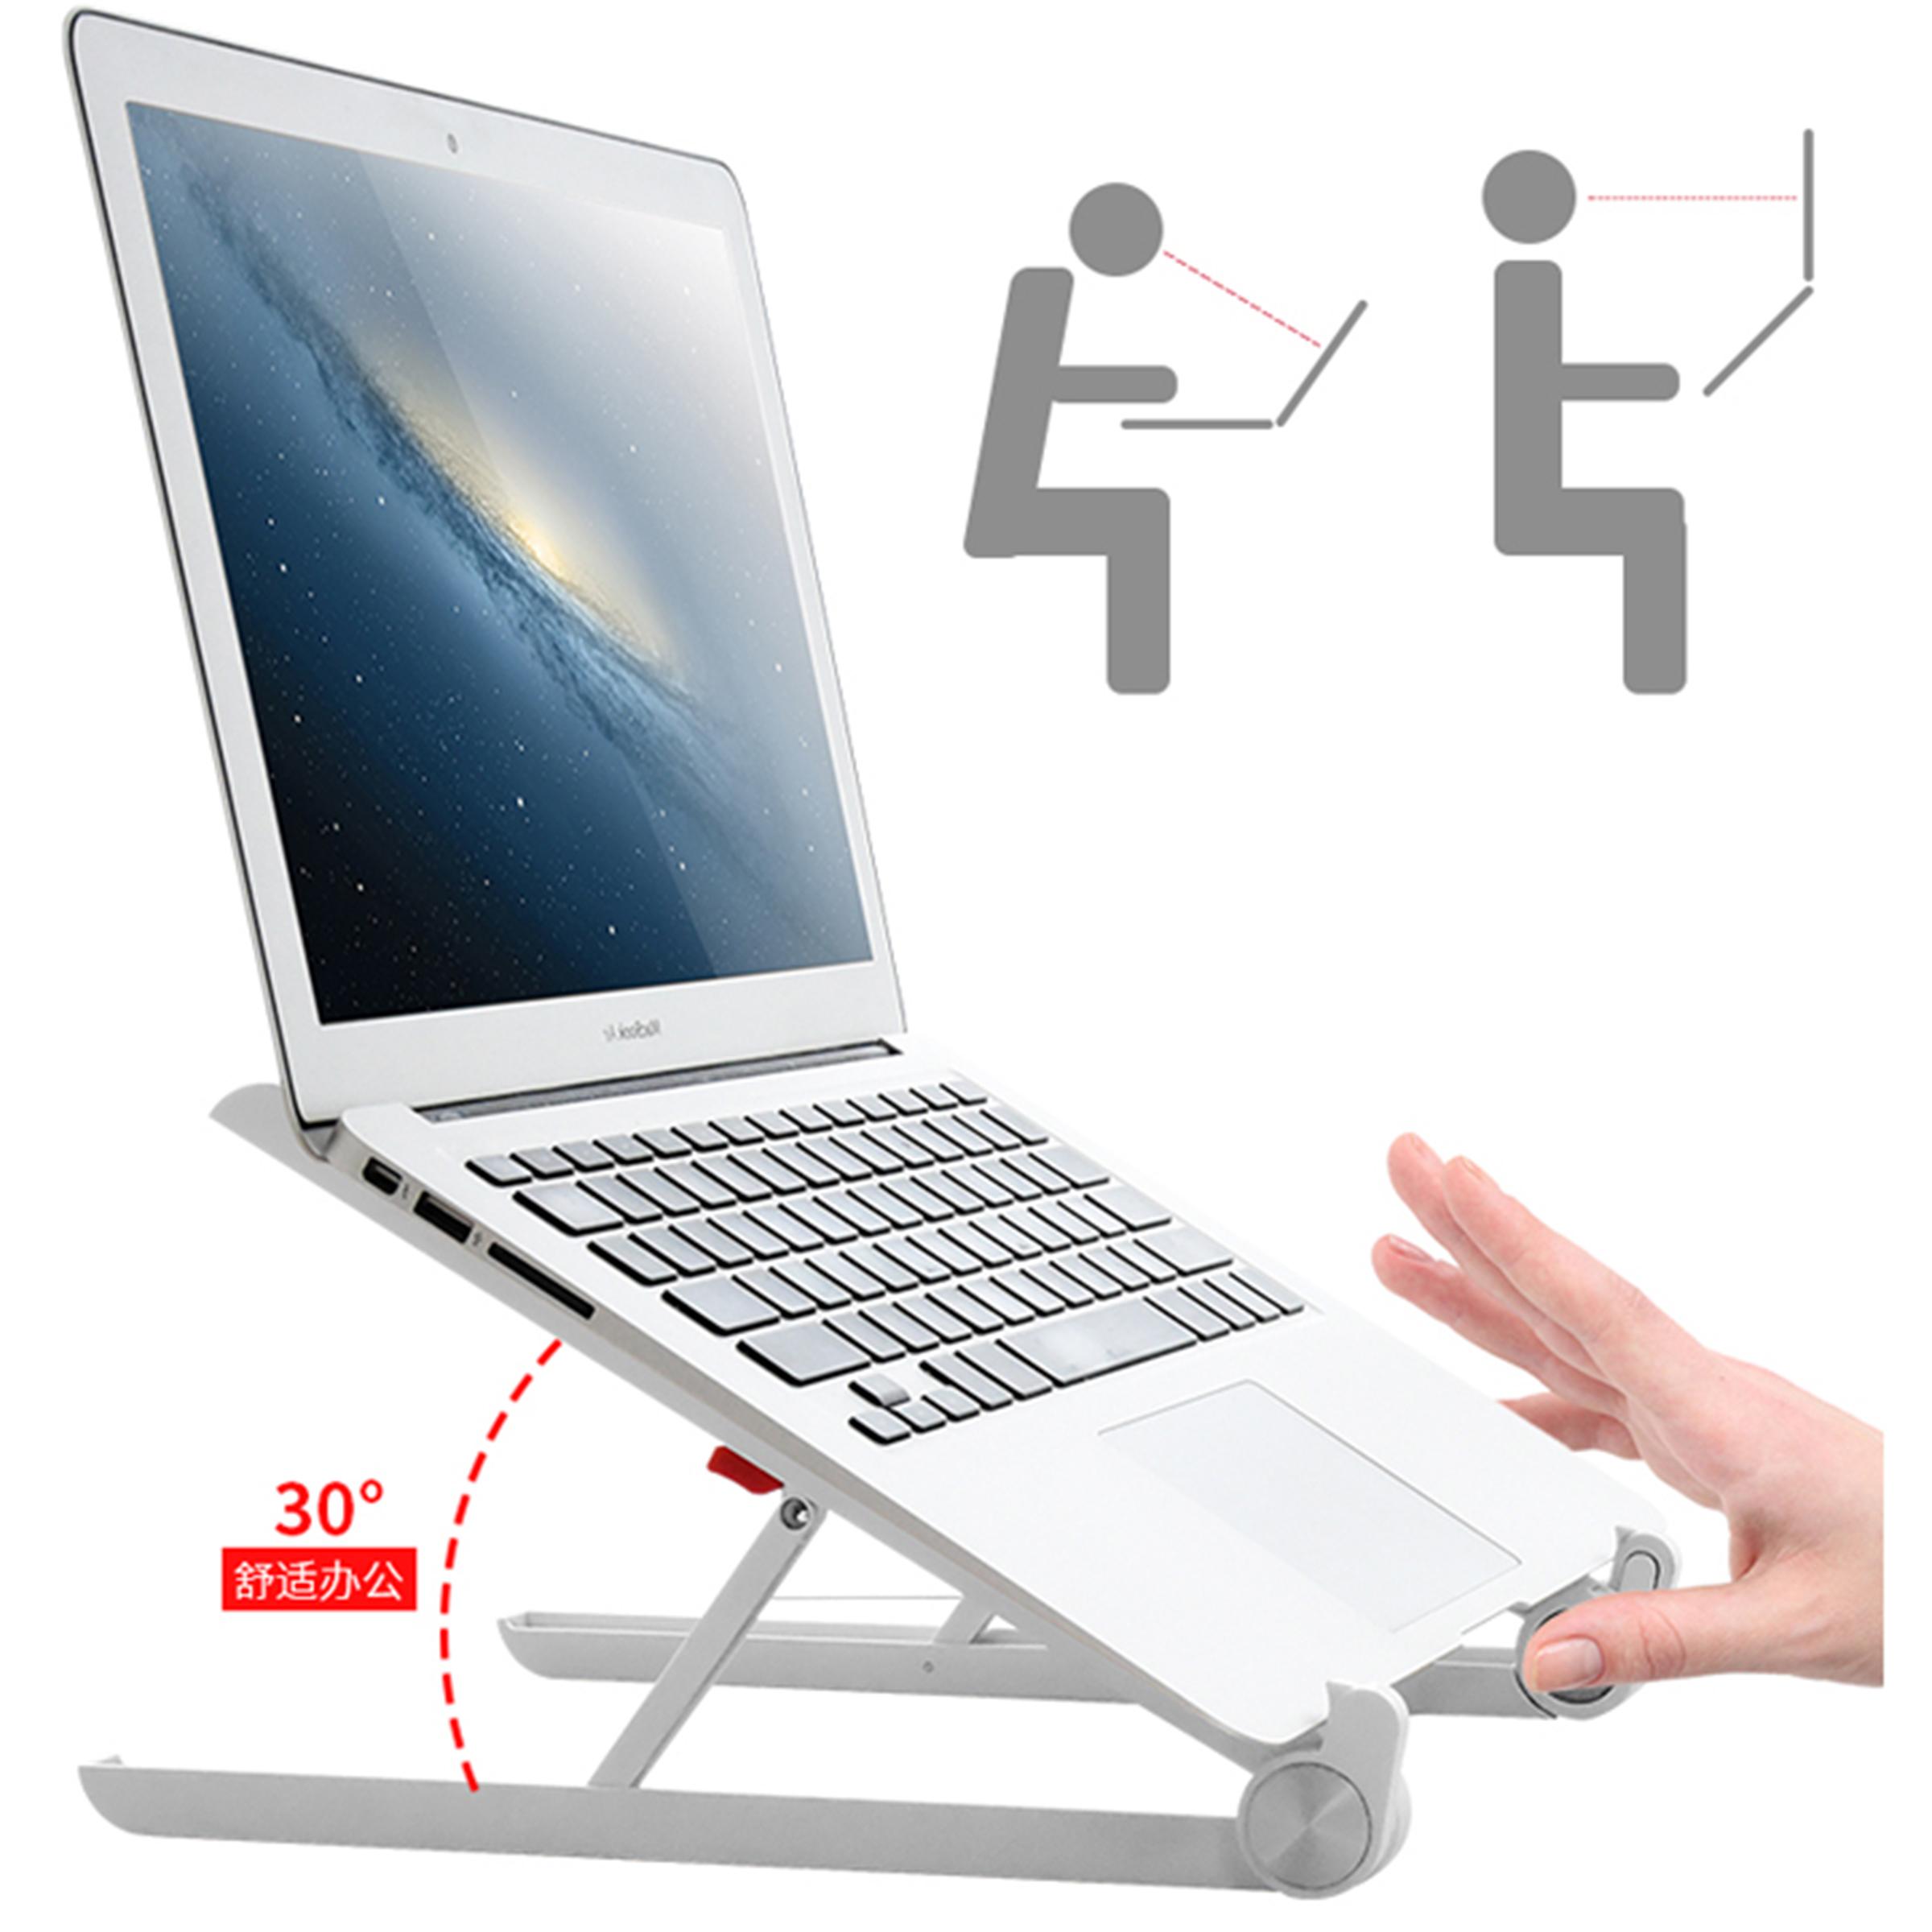 Giá đỡ máy tính, tản nhiệt Laptop GĐMT